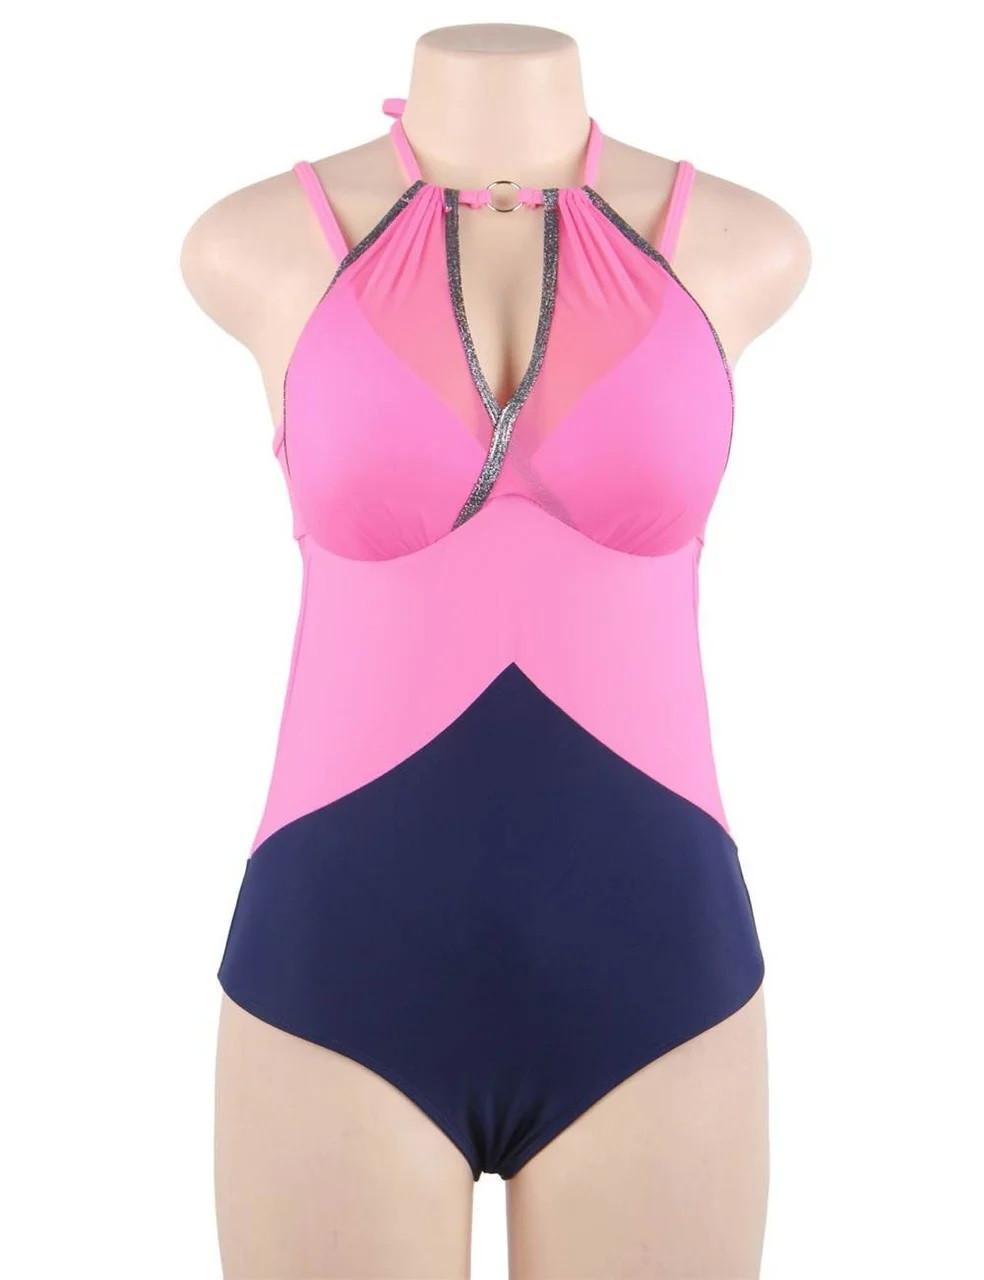 Купальник слитный Sexy Push Up Pink S, M, L, XL M - фото 3